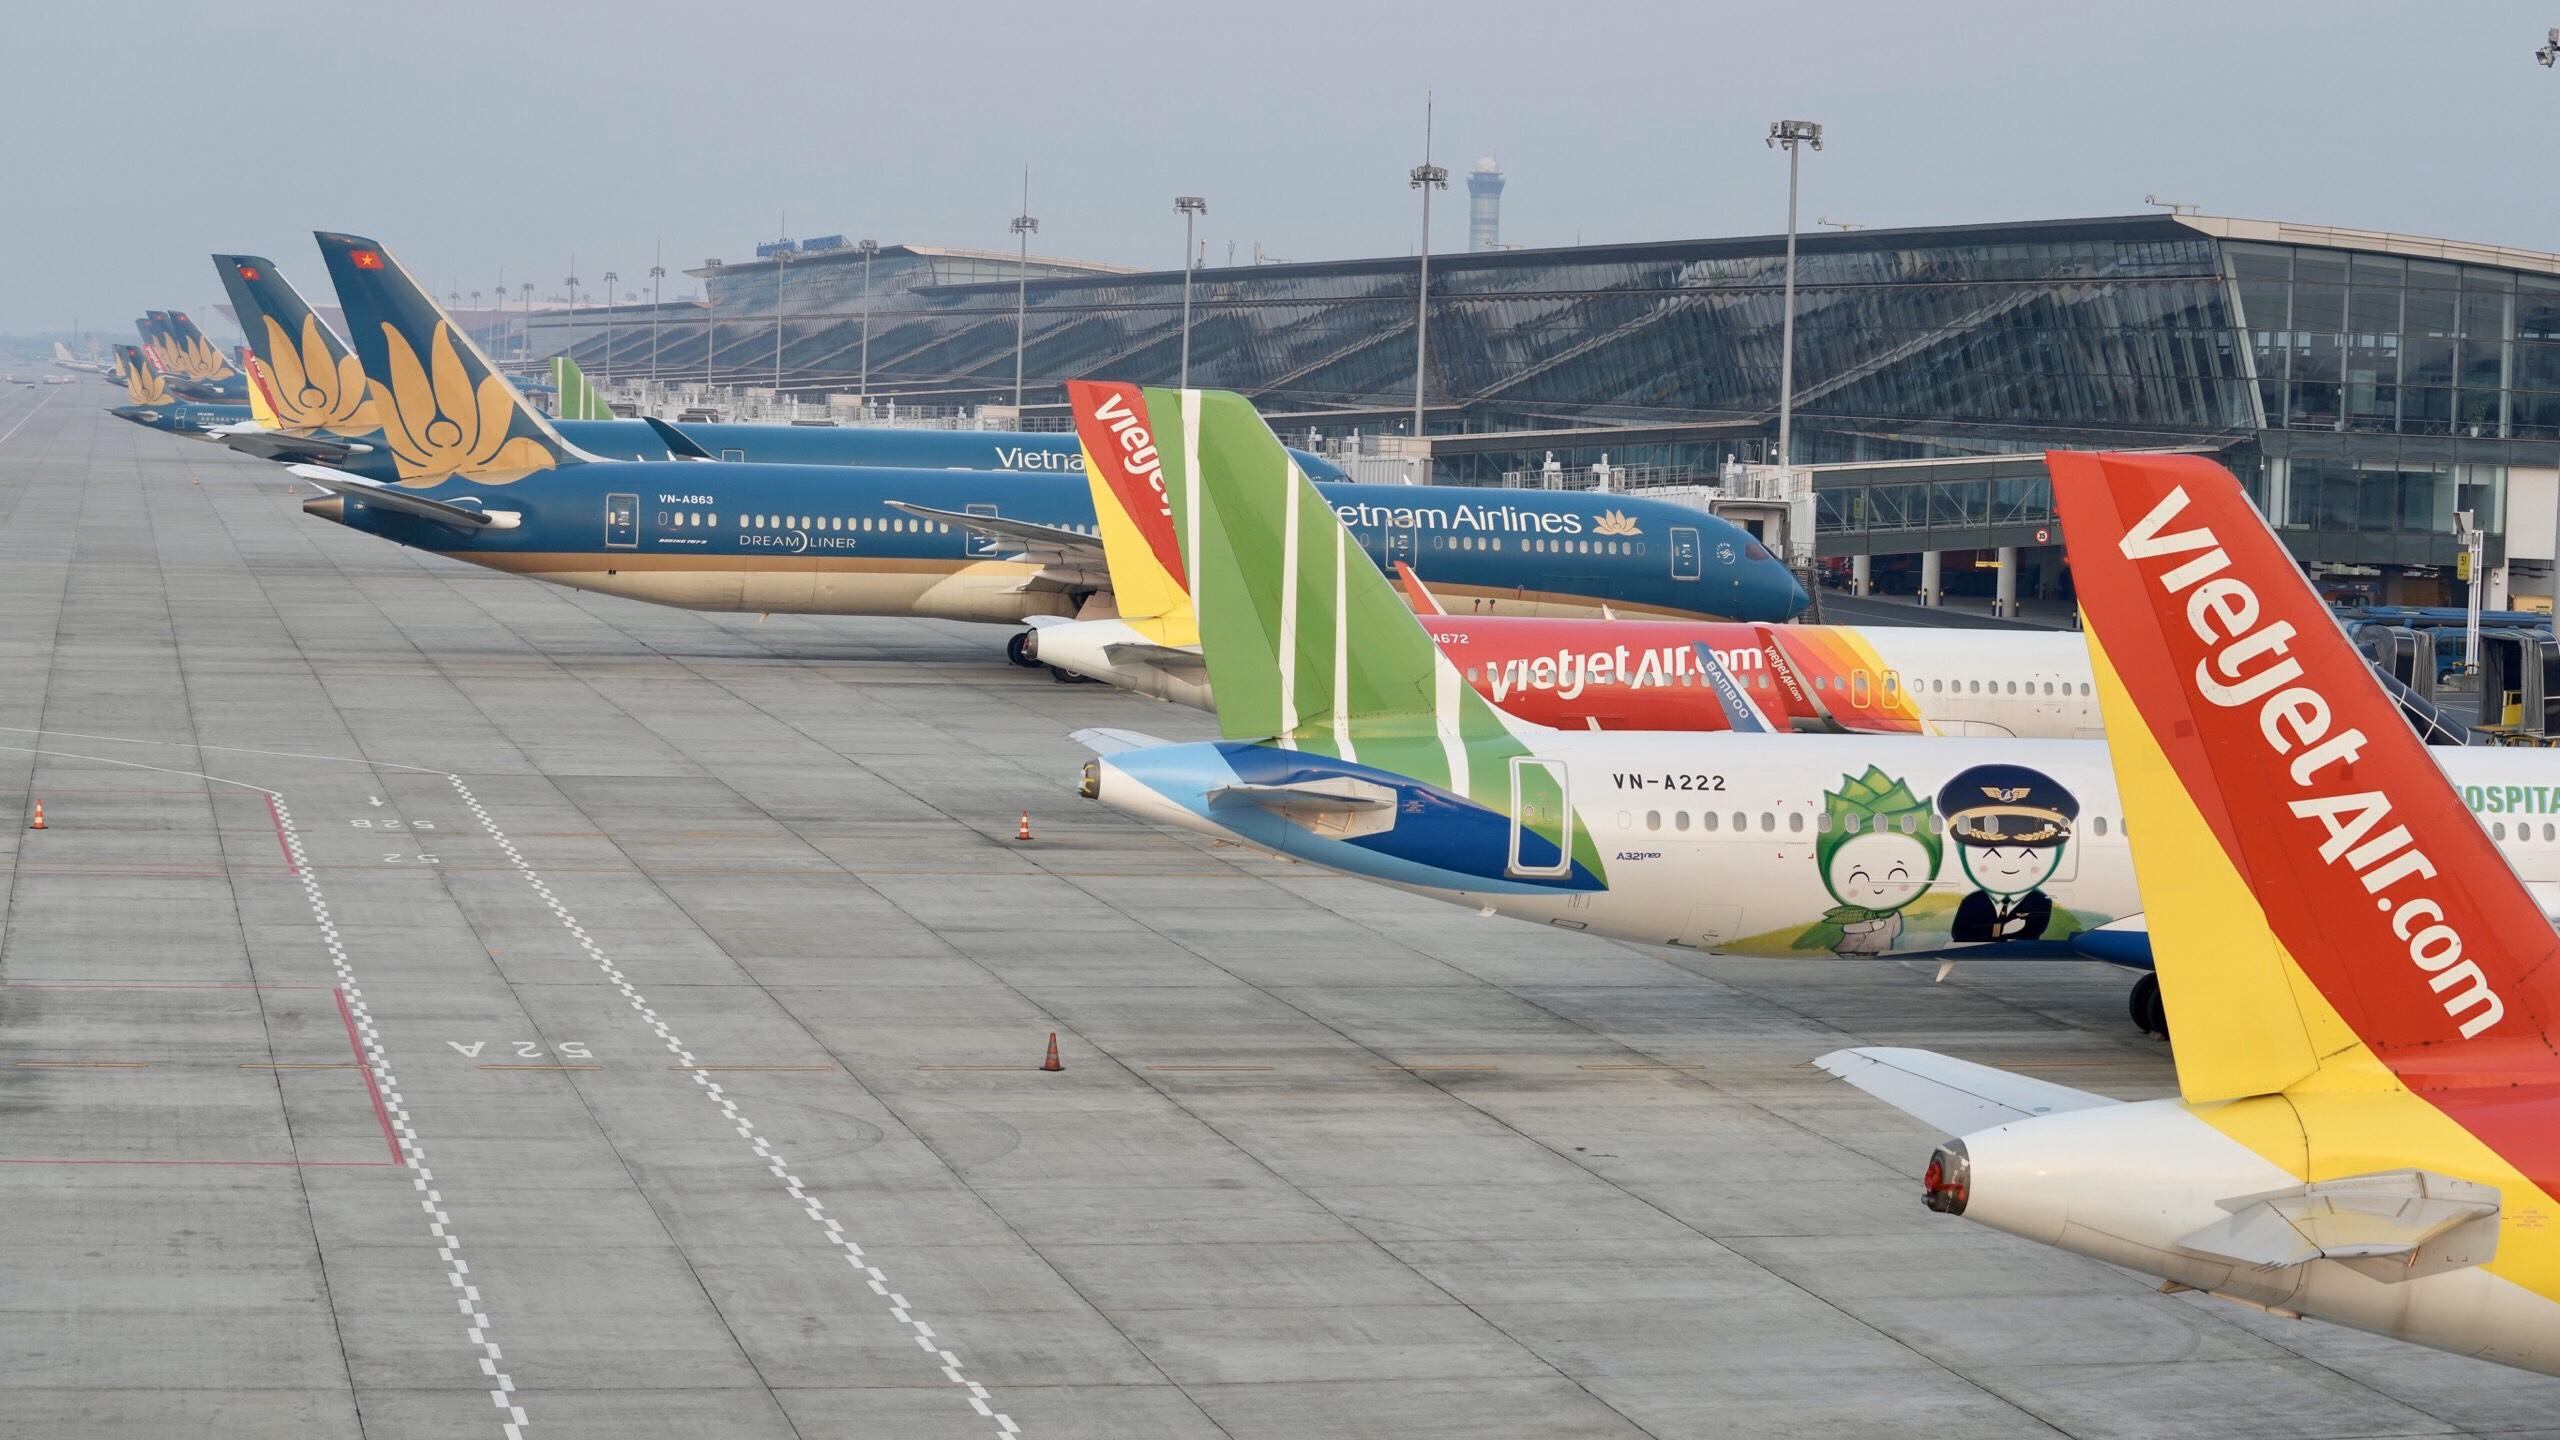 Chính phủ yêu cầu xem xét, xử lý phản ánh về giá sàn vé máy bay